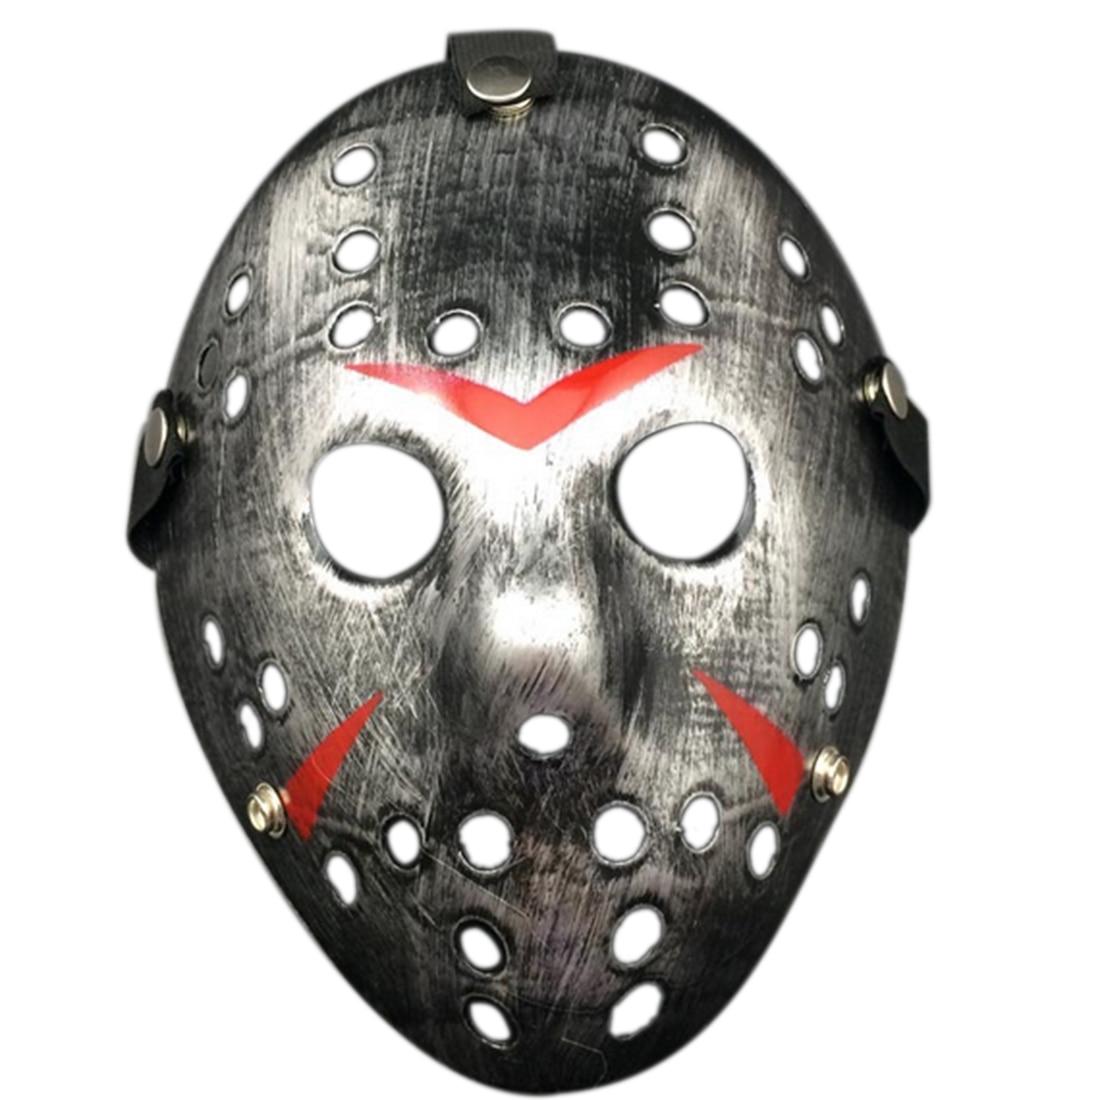 Online Get Cheap Jason Horror Mask -Aliexpress.com | Alibaba Group